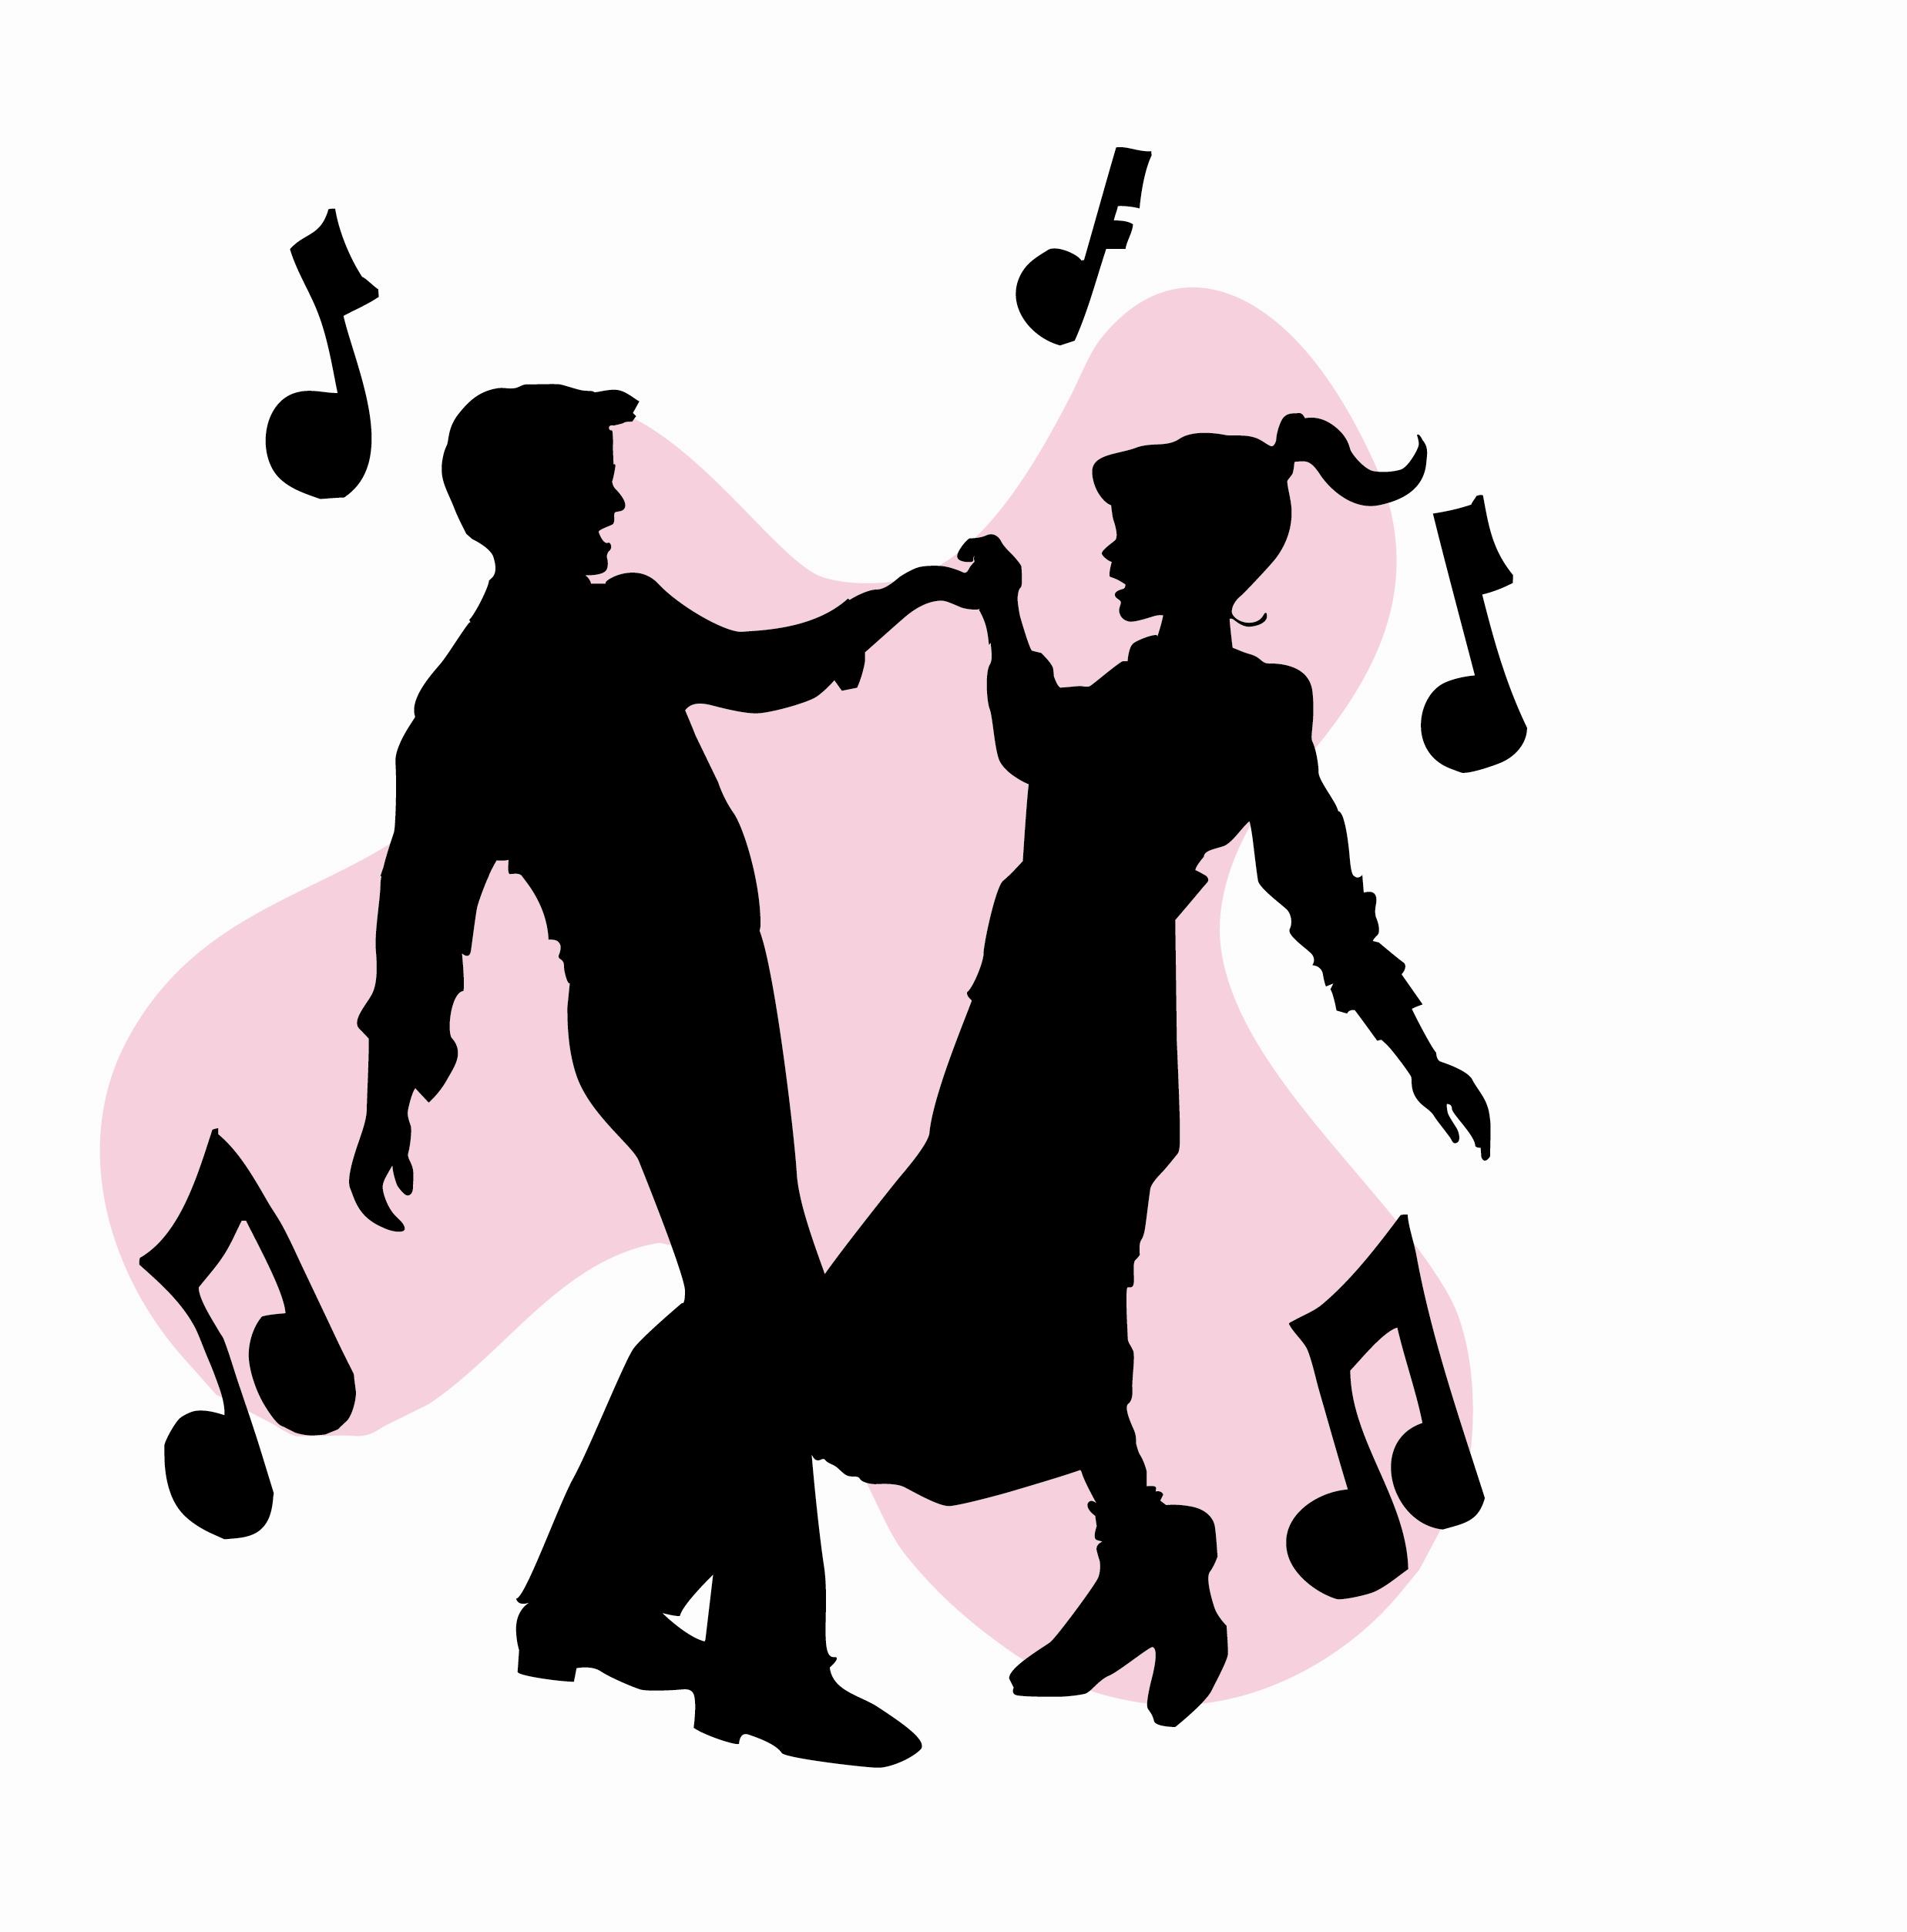 dancer silhouette clip art at getdrawings com free for personal rh getdrawings com free dance clip art graphics free dance clip art borders